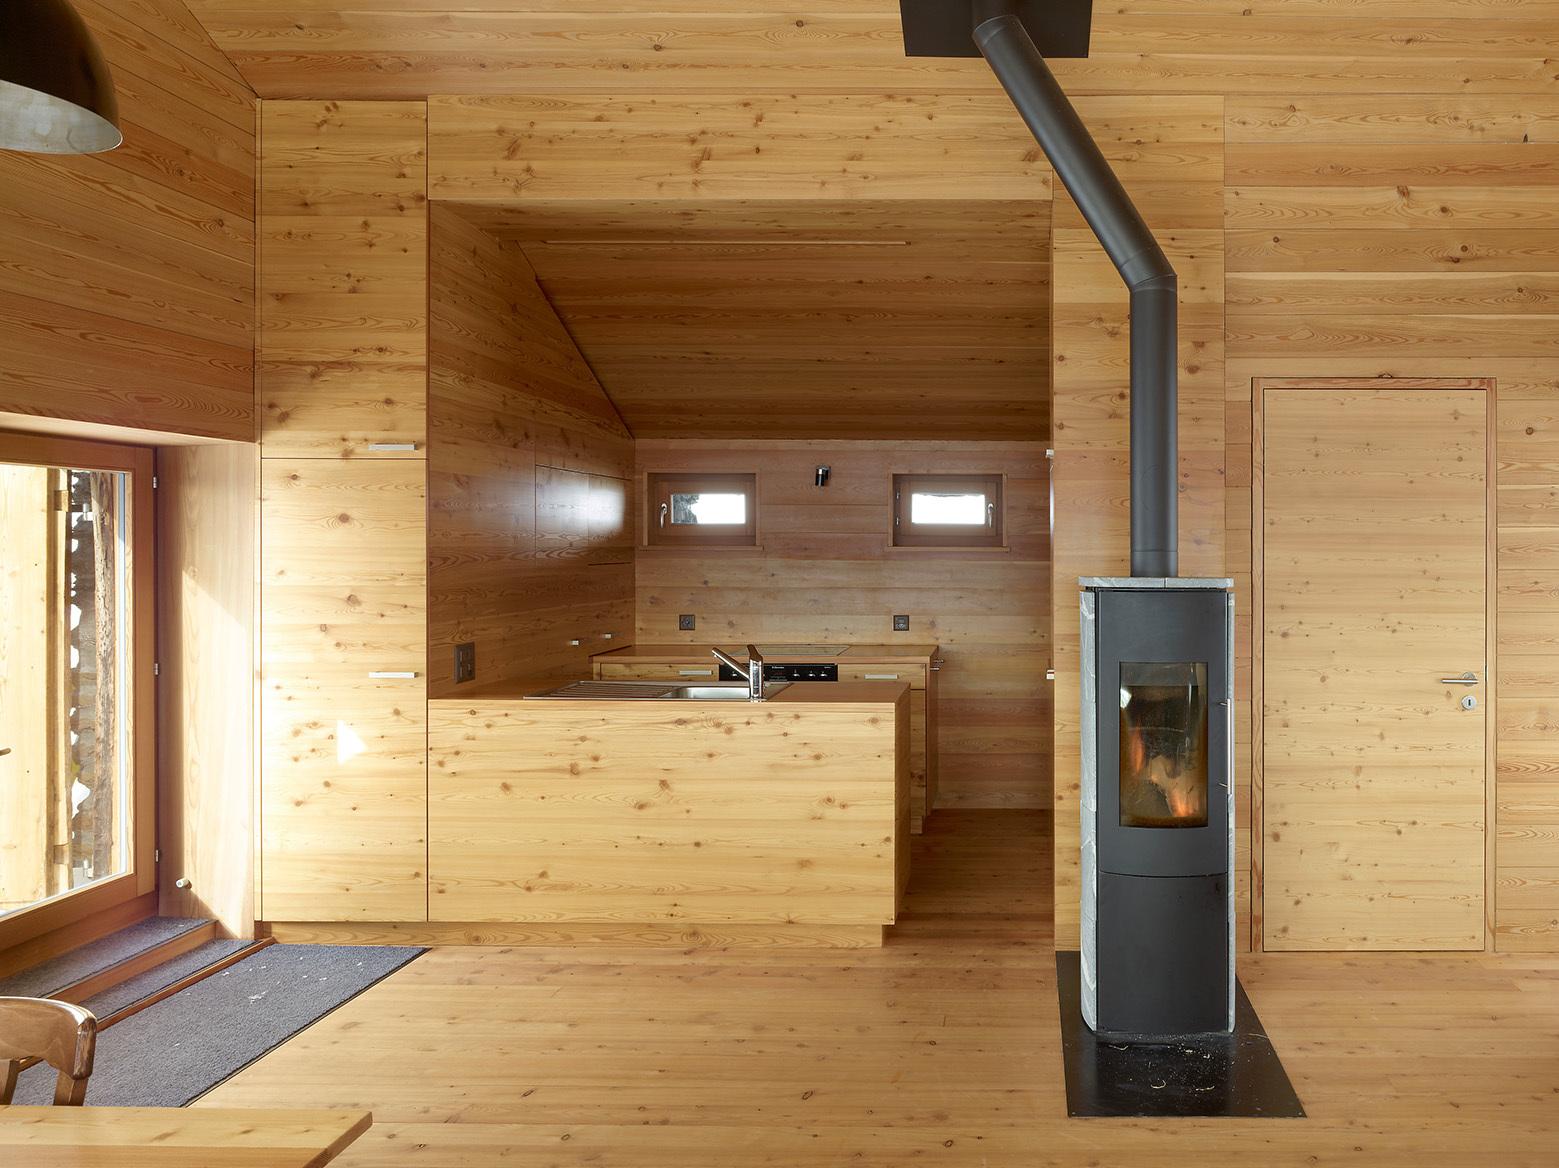 55274c82e58ecea119000437 K Sf Anz 621 Jpg on Barn House Plans With Loft